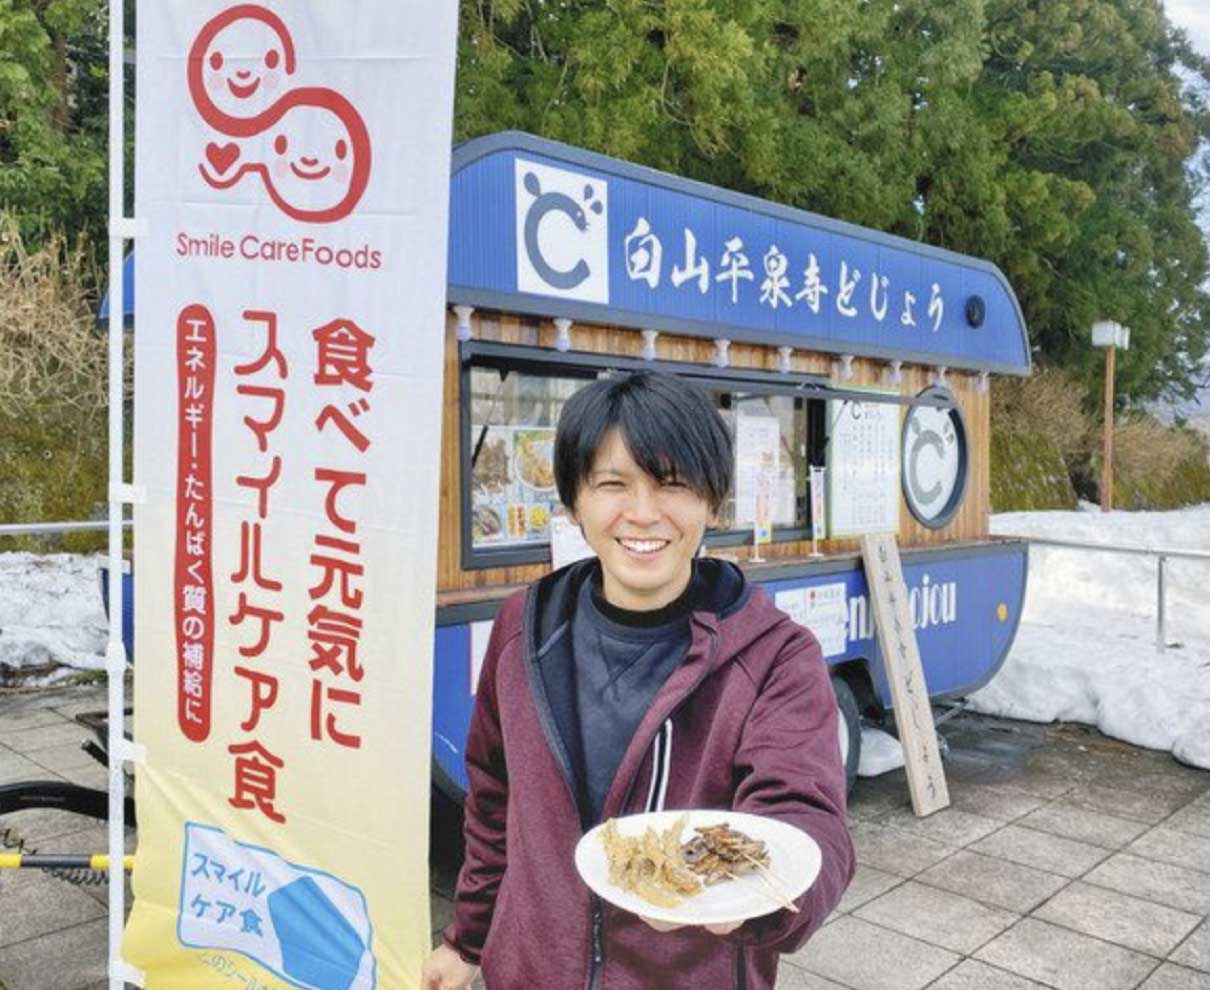 スマイルケア食 国認証 勝山のドジョウ 健康サポート